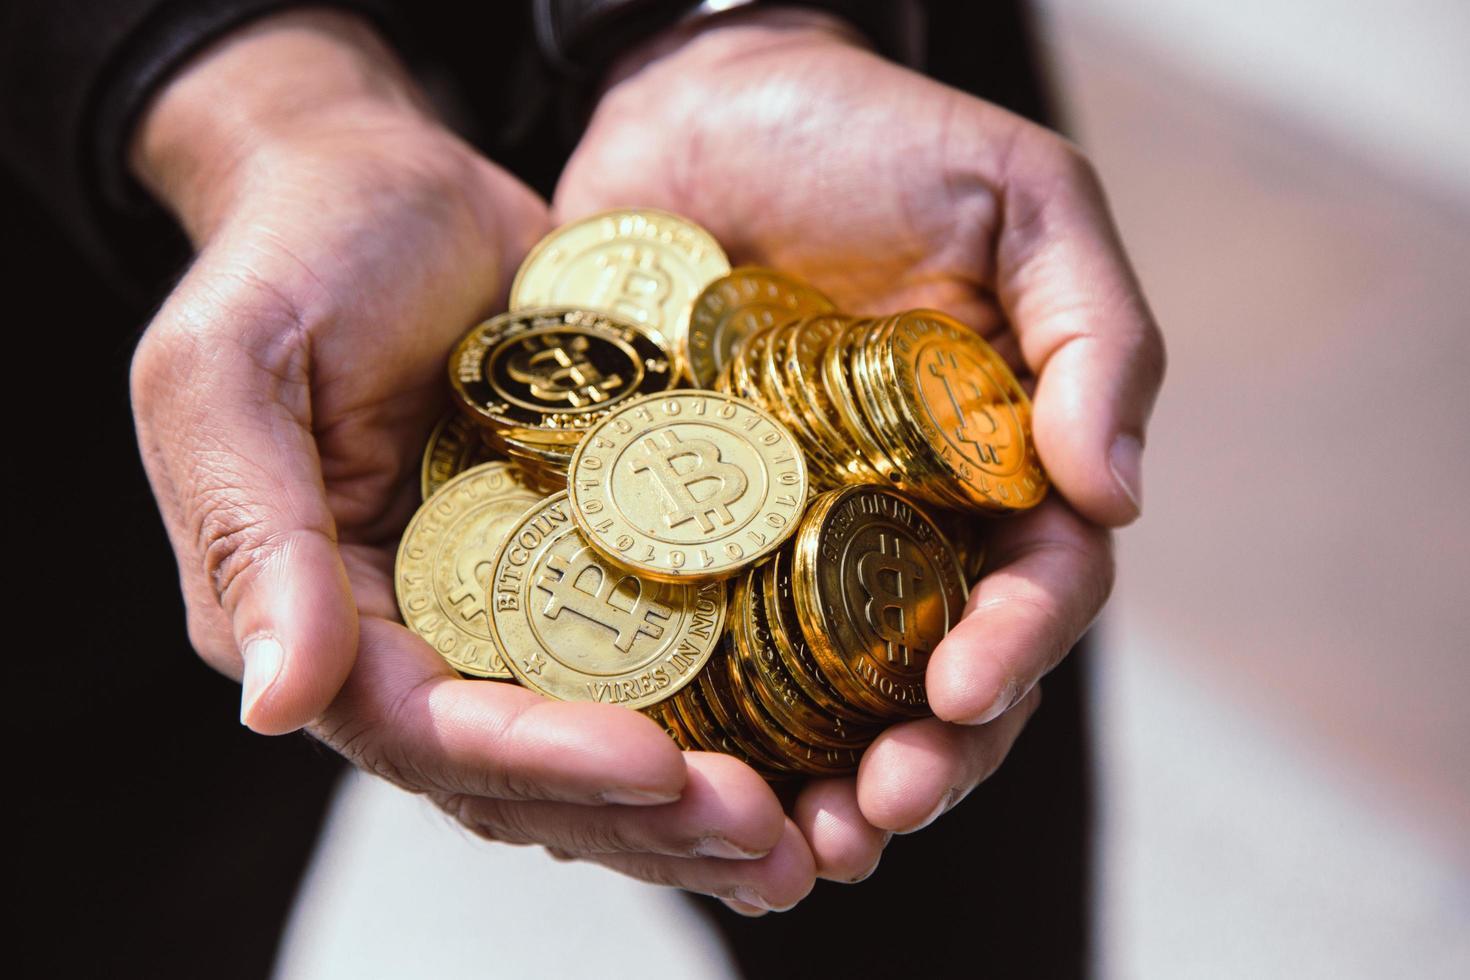 bitcoin in de hartvormige hand, elektronisch virtueel geld voor webbankieren en internationale netwerkbetaling. foto